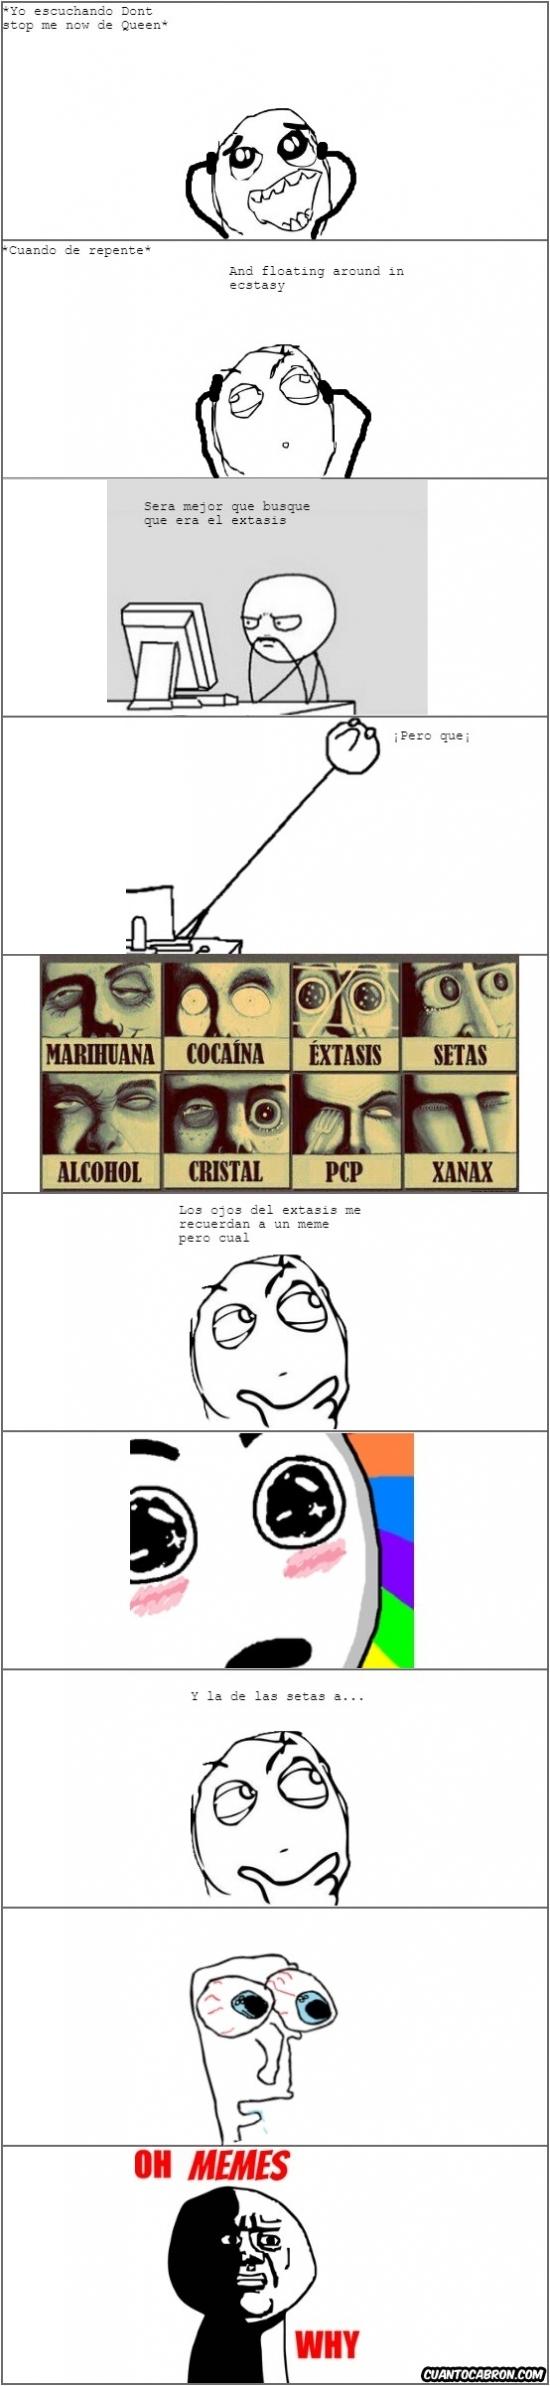 Oh_god_why - Ahora entiendo cómo han acabado con esas expresiones algunos memes